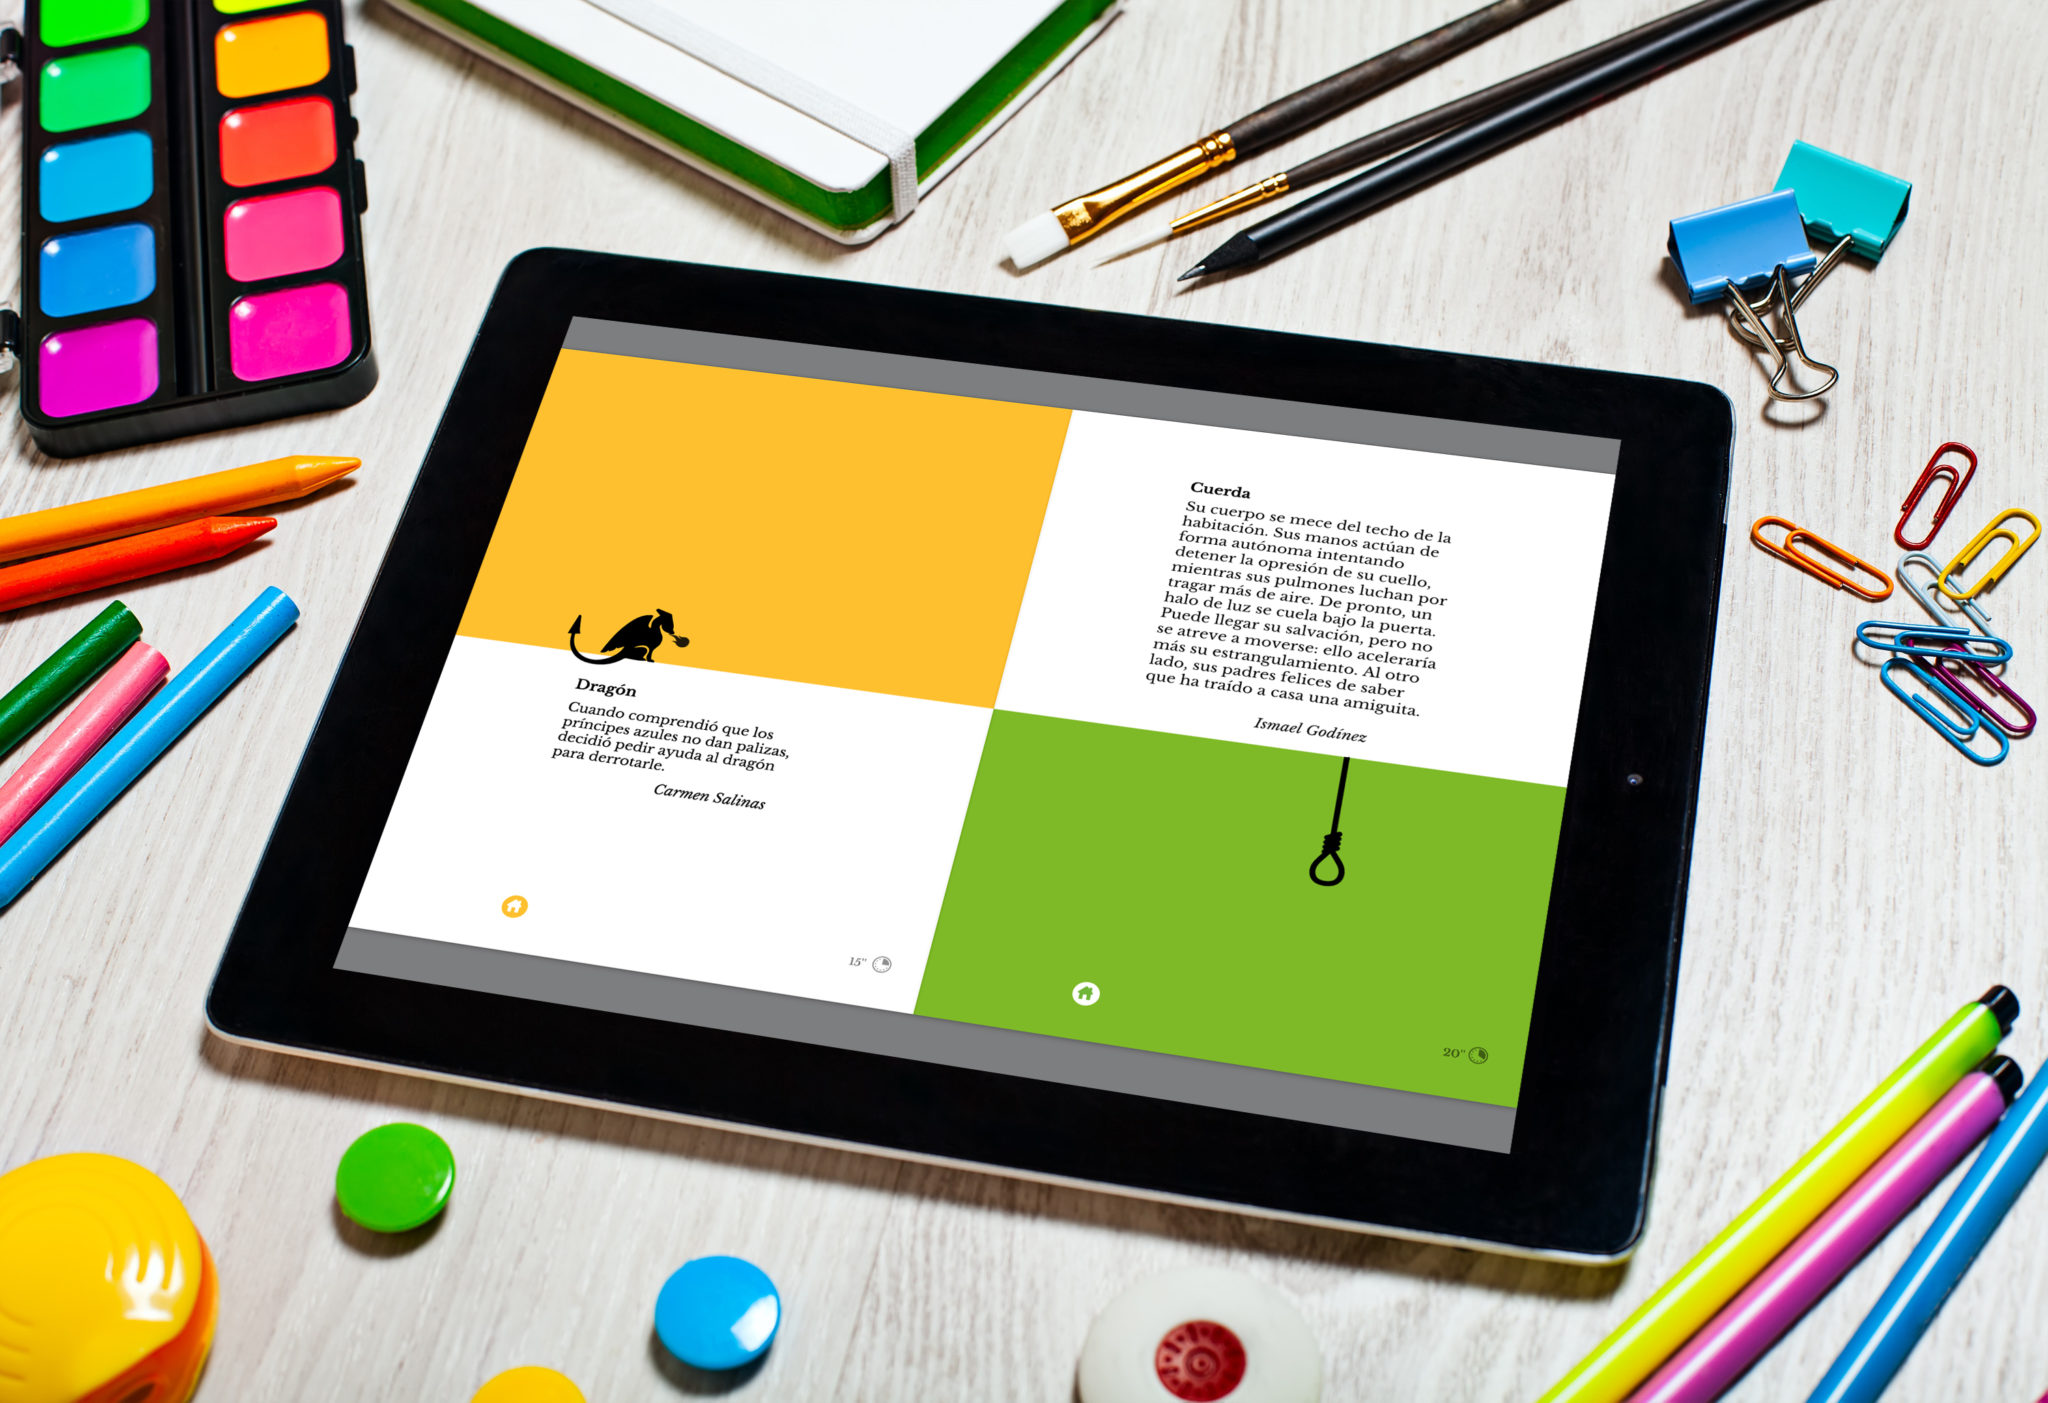 Microcuentos 02 - MICROCUENTOS - Disseny i programació del llibre interactiu